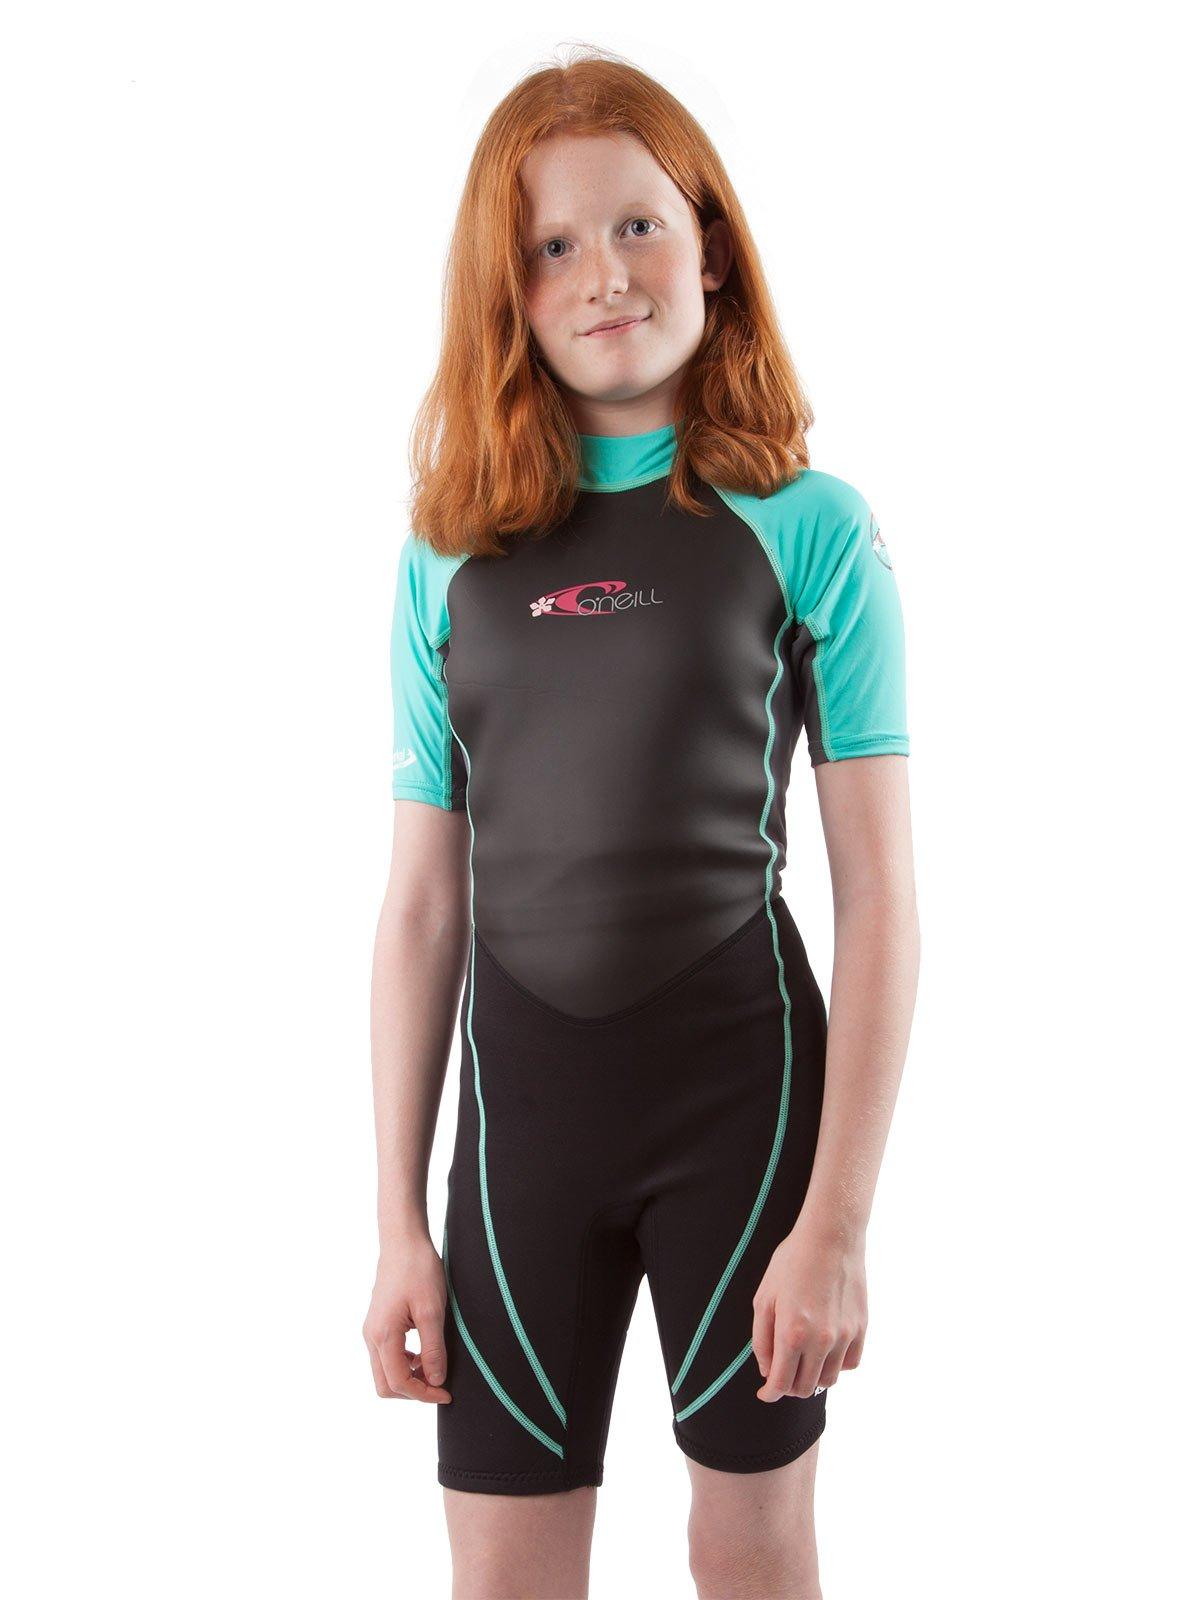 O'Neill Reactor Hybrid kids shorty wetsuit 4 Black/graphite/light aqua